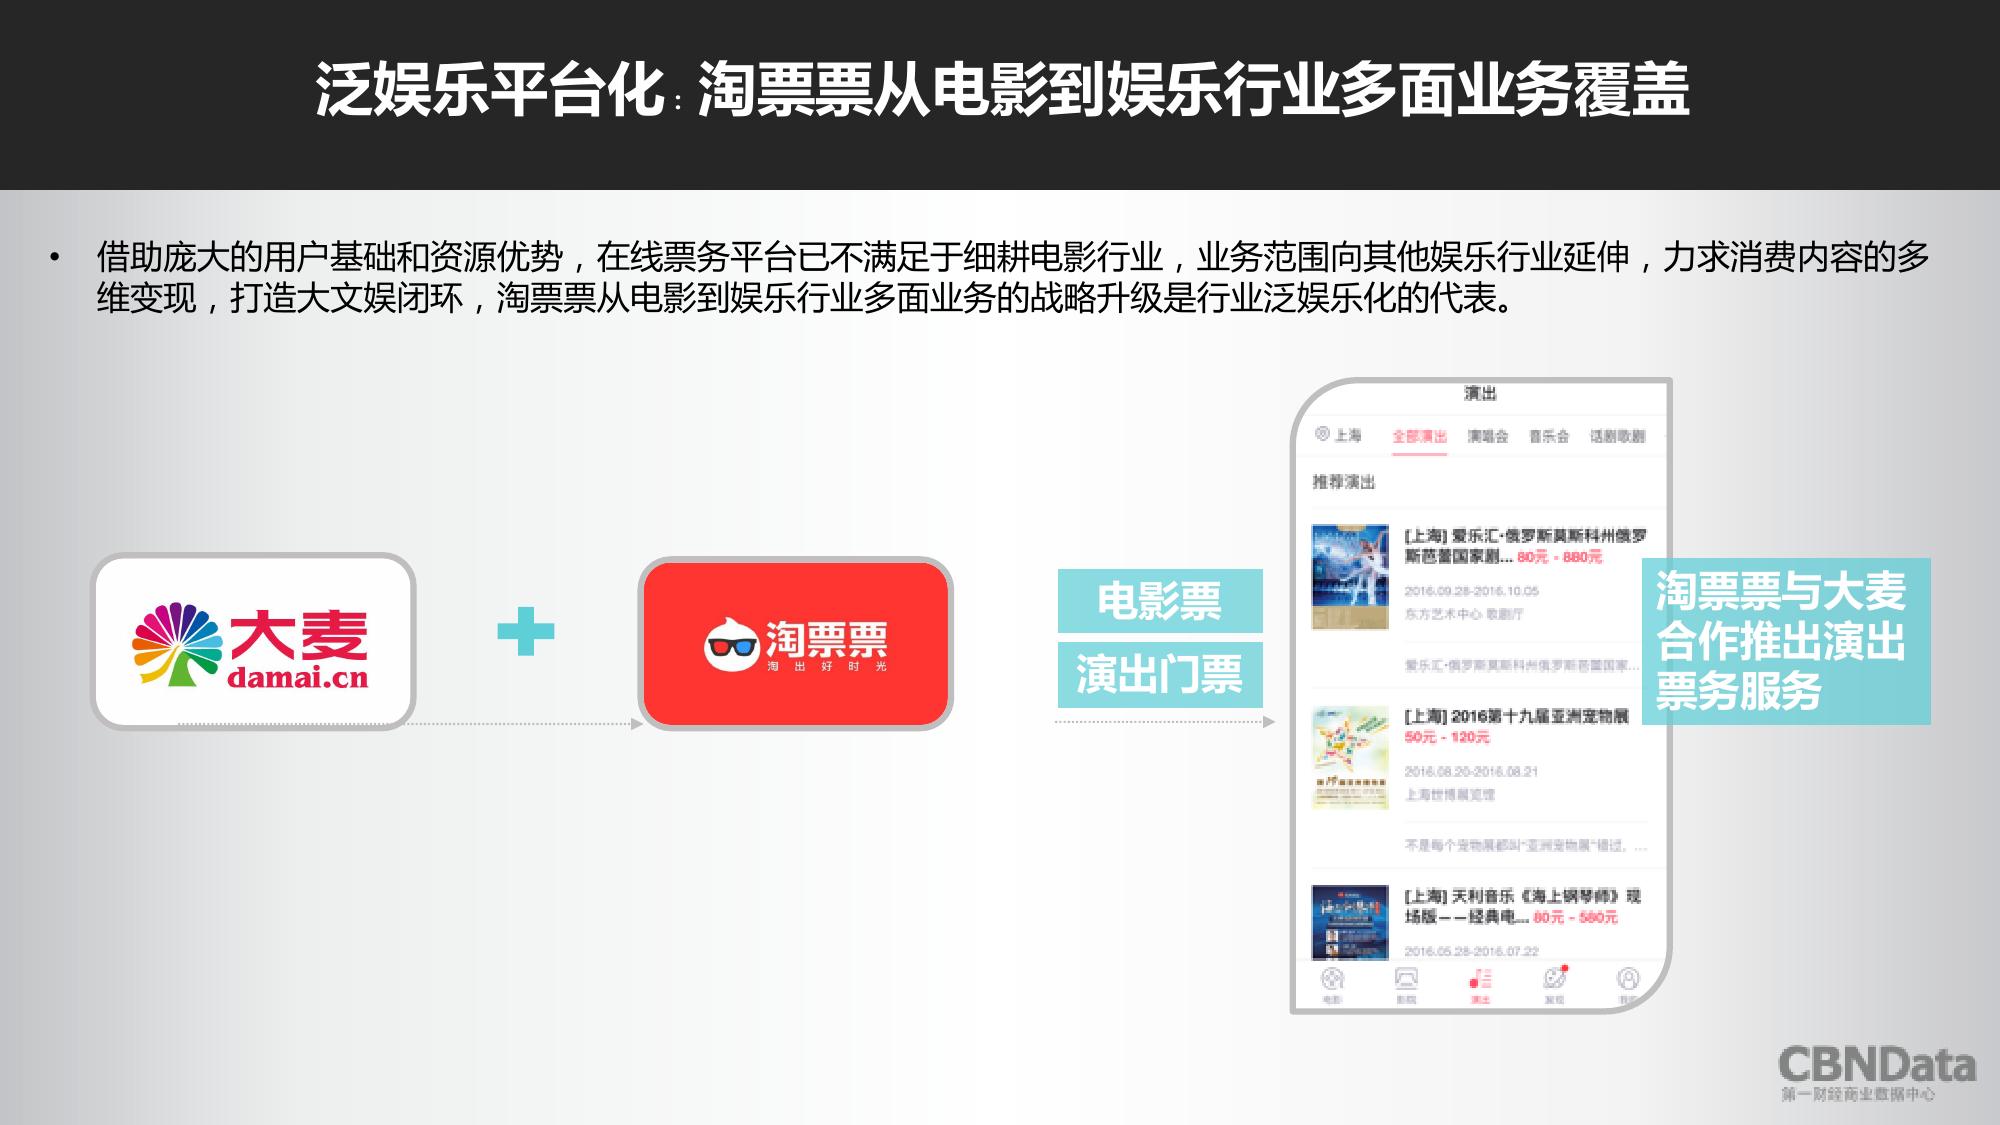 2016上半年中国在线票务平台大数据报告_000027